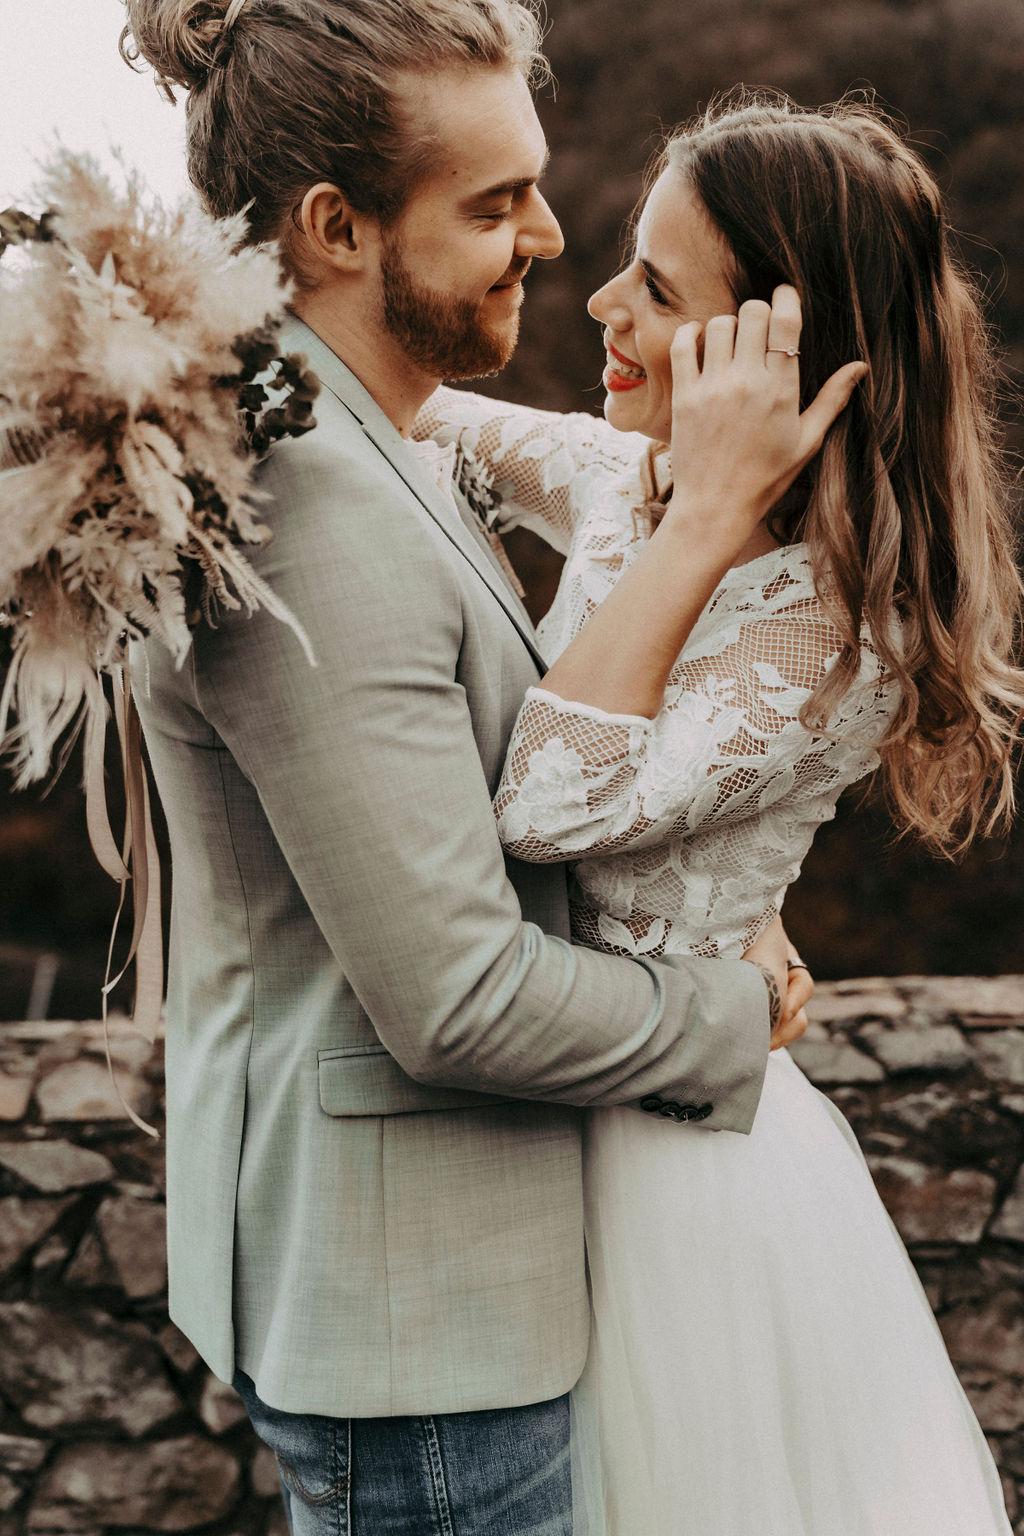 noni Brautmode, Styled Shoot, Brautpaar vor mittelalterliche Kulisse. Bräutigam mit Zopf, Sakko und Bart, Model mit brünetten offenen Haaren und weißem Brautkleid, in Umarmung